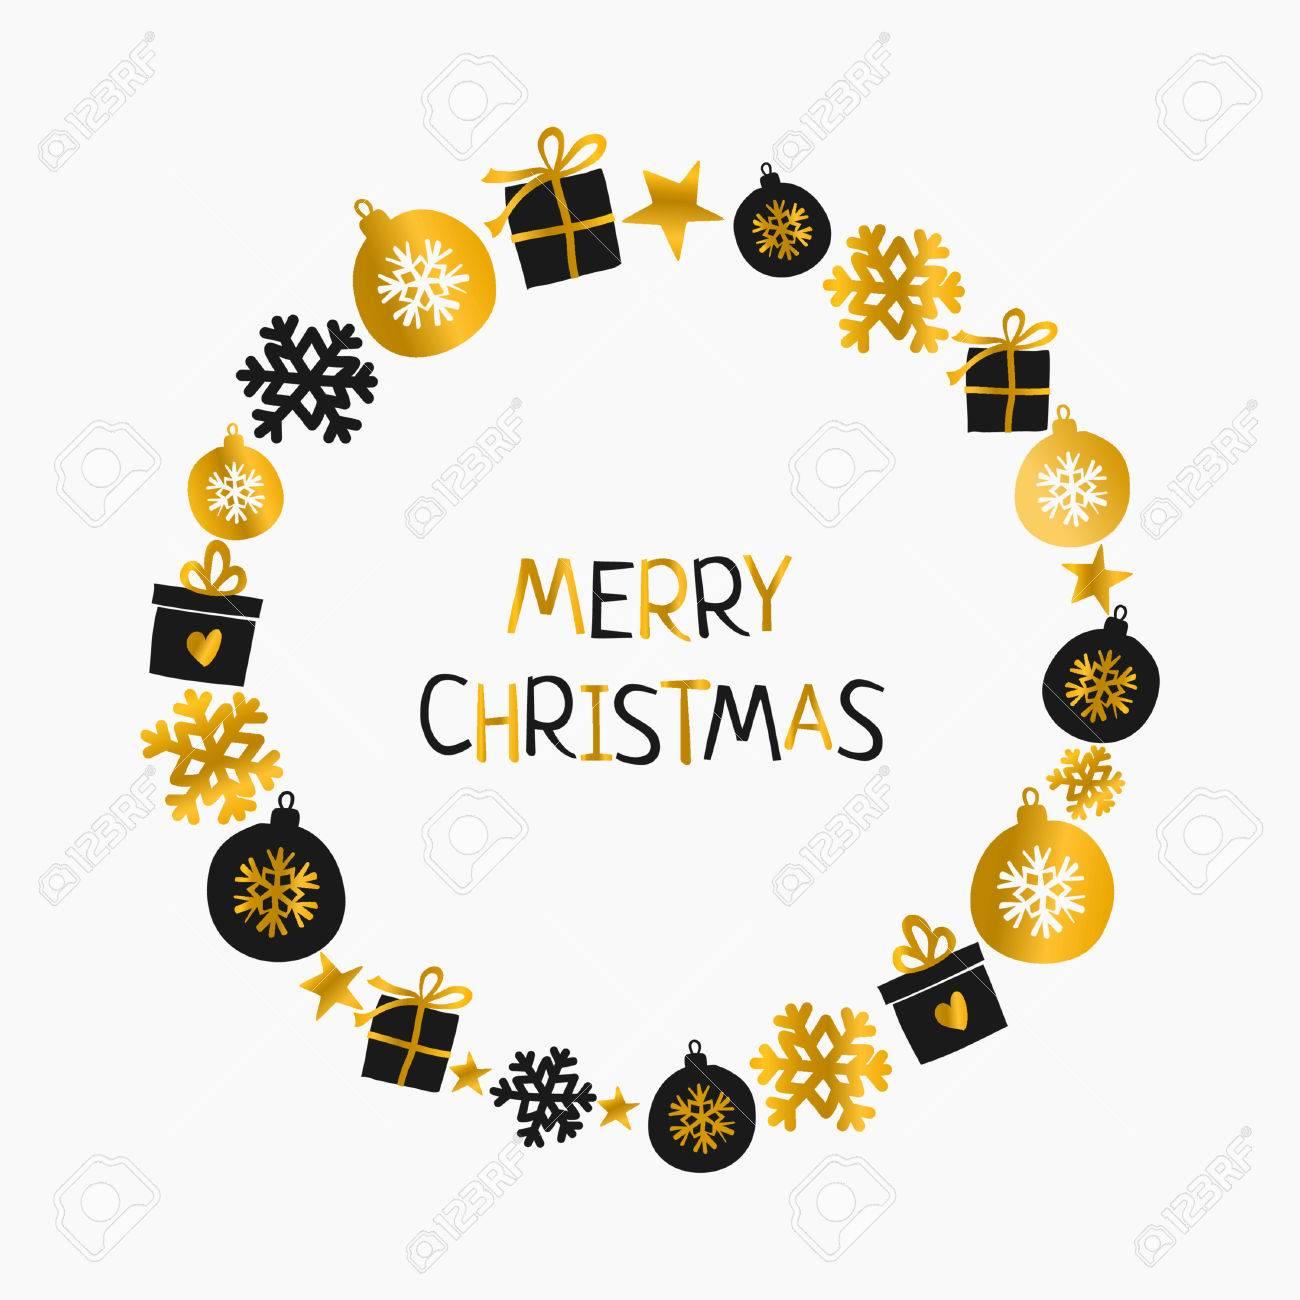 Diseno De La Tarjeta De Felicitacion De Navidad Con La Guirnalda De